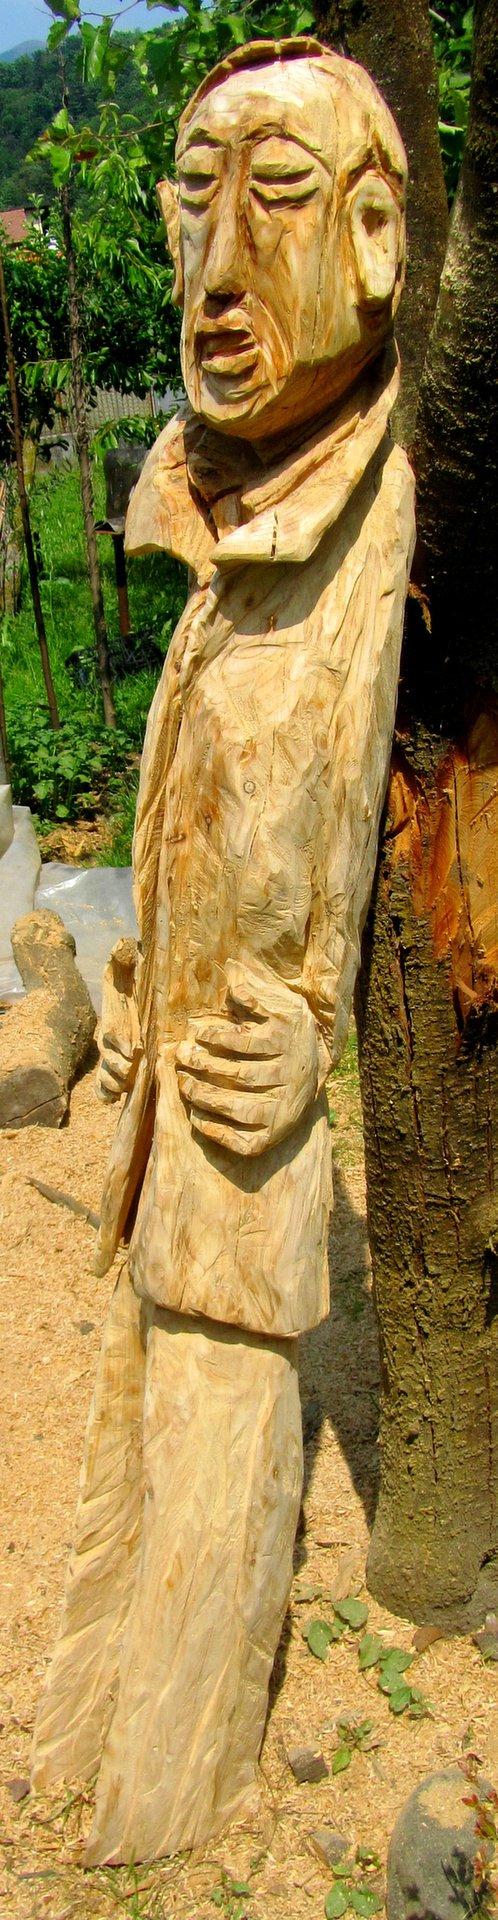 vv+sculture+legno++(8).JPG